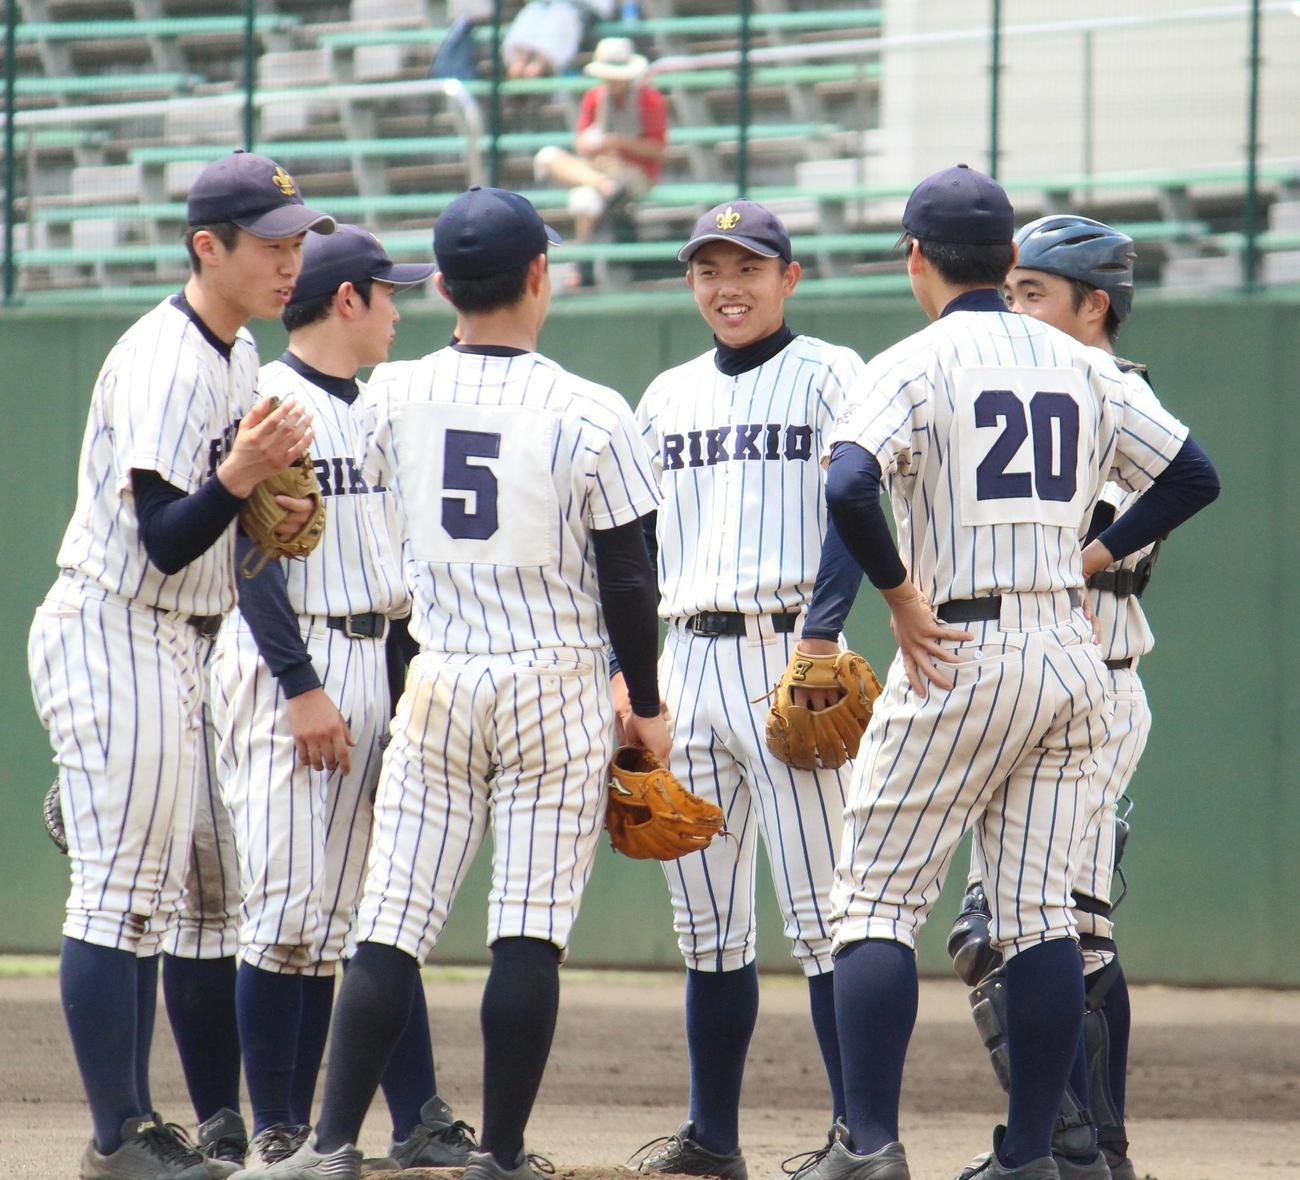 立教新座対浦和学院 7回裏浦和学院2死三塁、チームメートに笑顔を見せる立教新座・高橋(右から3人目)(撮影・保坂恭子)